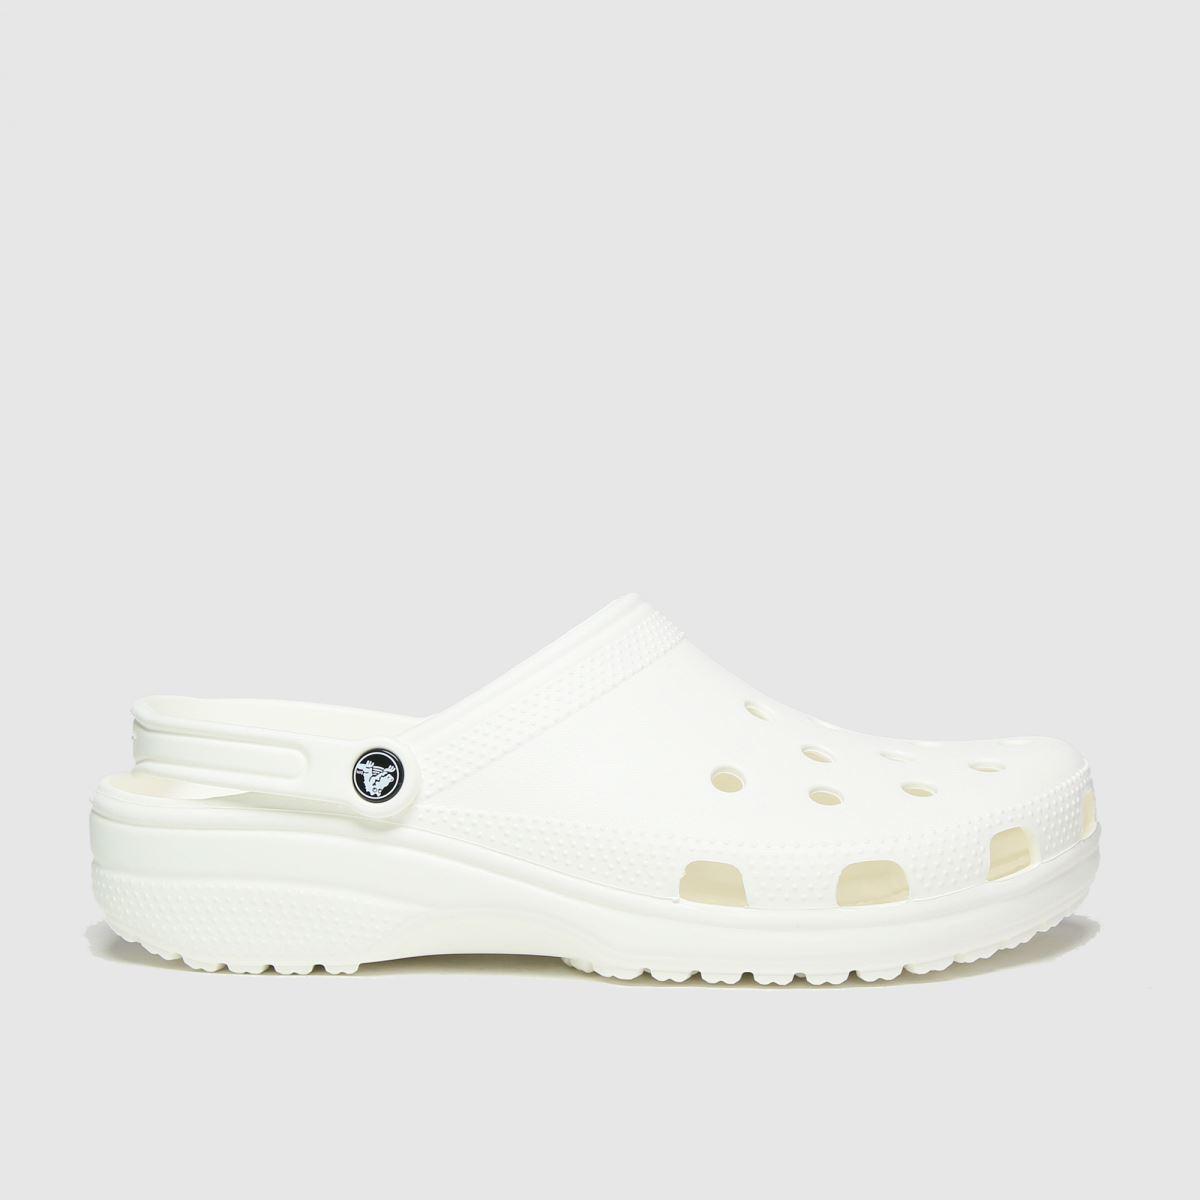 Crocs Crocs White Classic Sandals